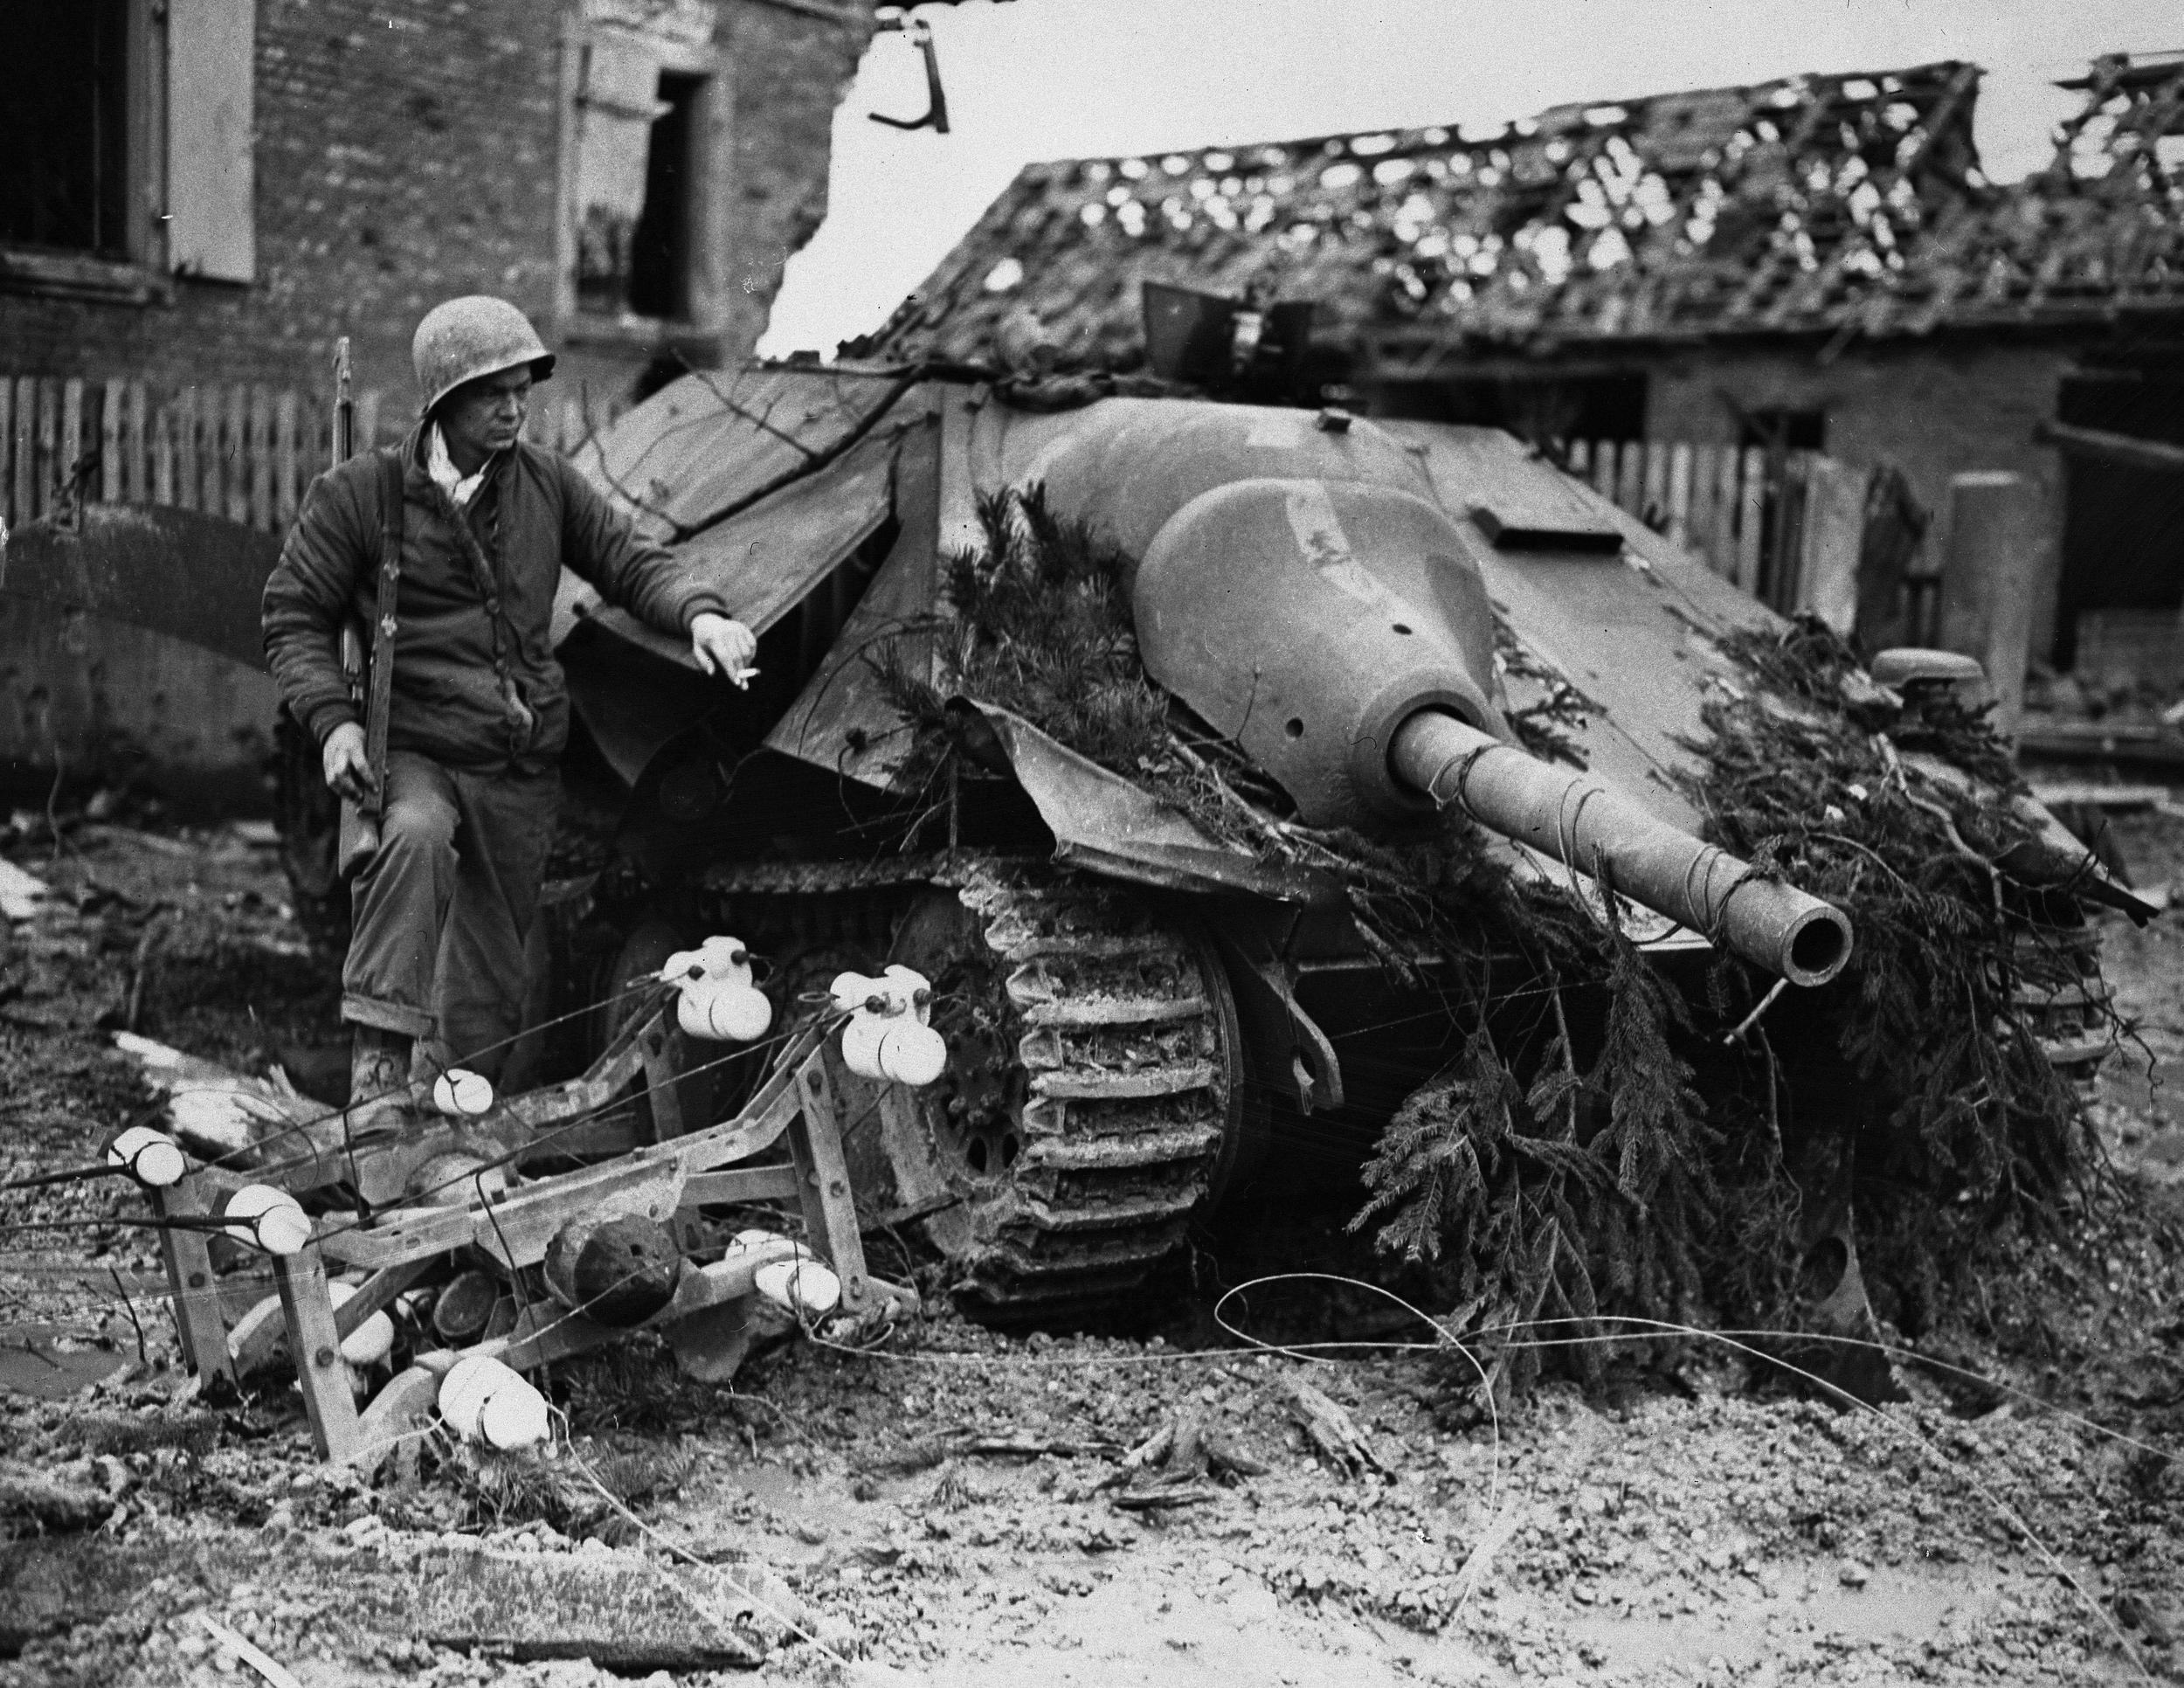 Рядовой Кеннет Уокер осматривает немецкую САУ «Хетцер», подбитую в коммуне  Оберхоффен — военное фото